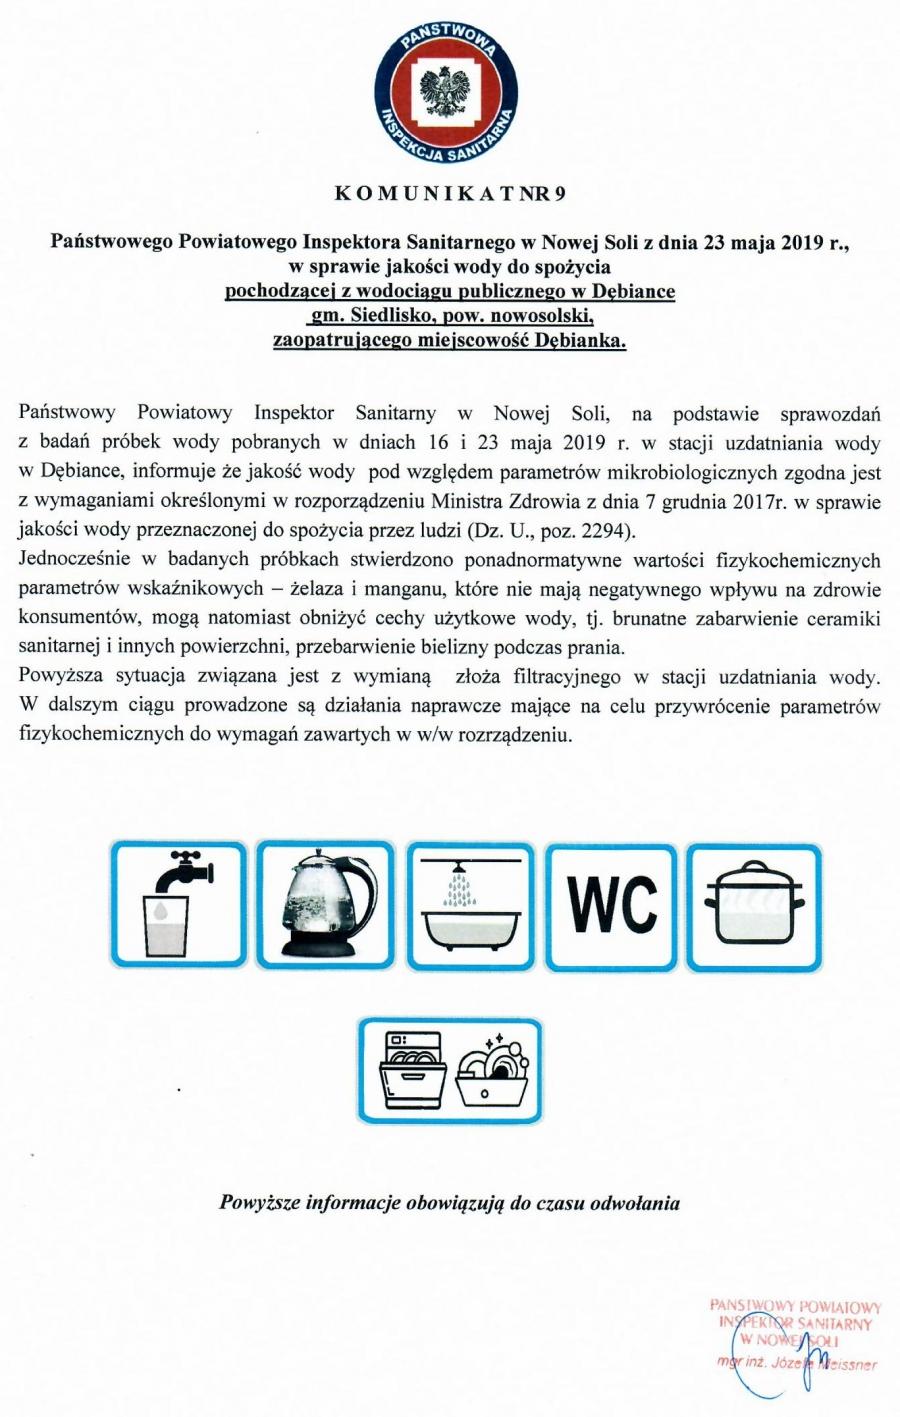 Strona edukacyjna PSSE w Nowej Soli - Komunikat nr 9, z dnia